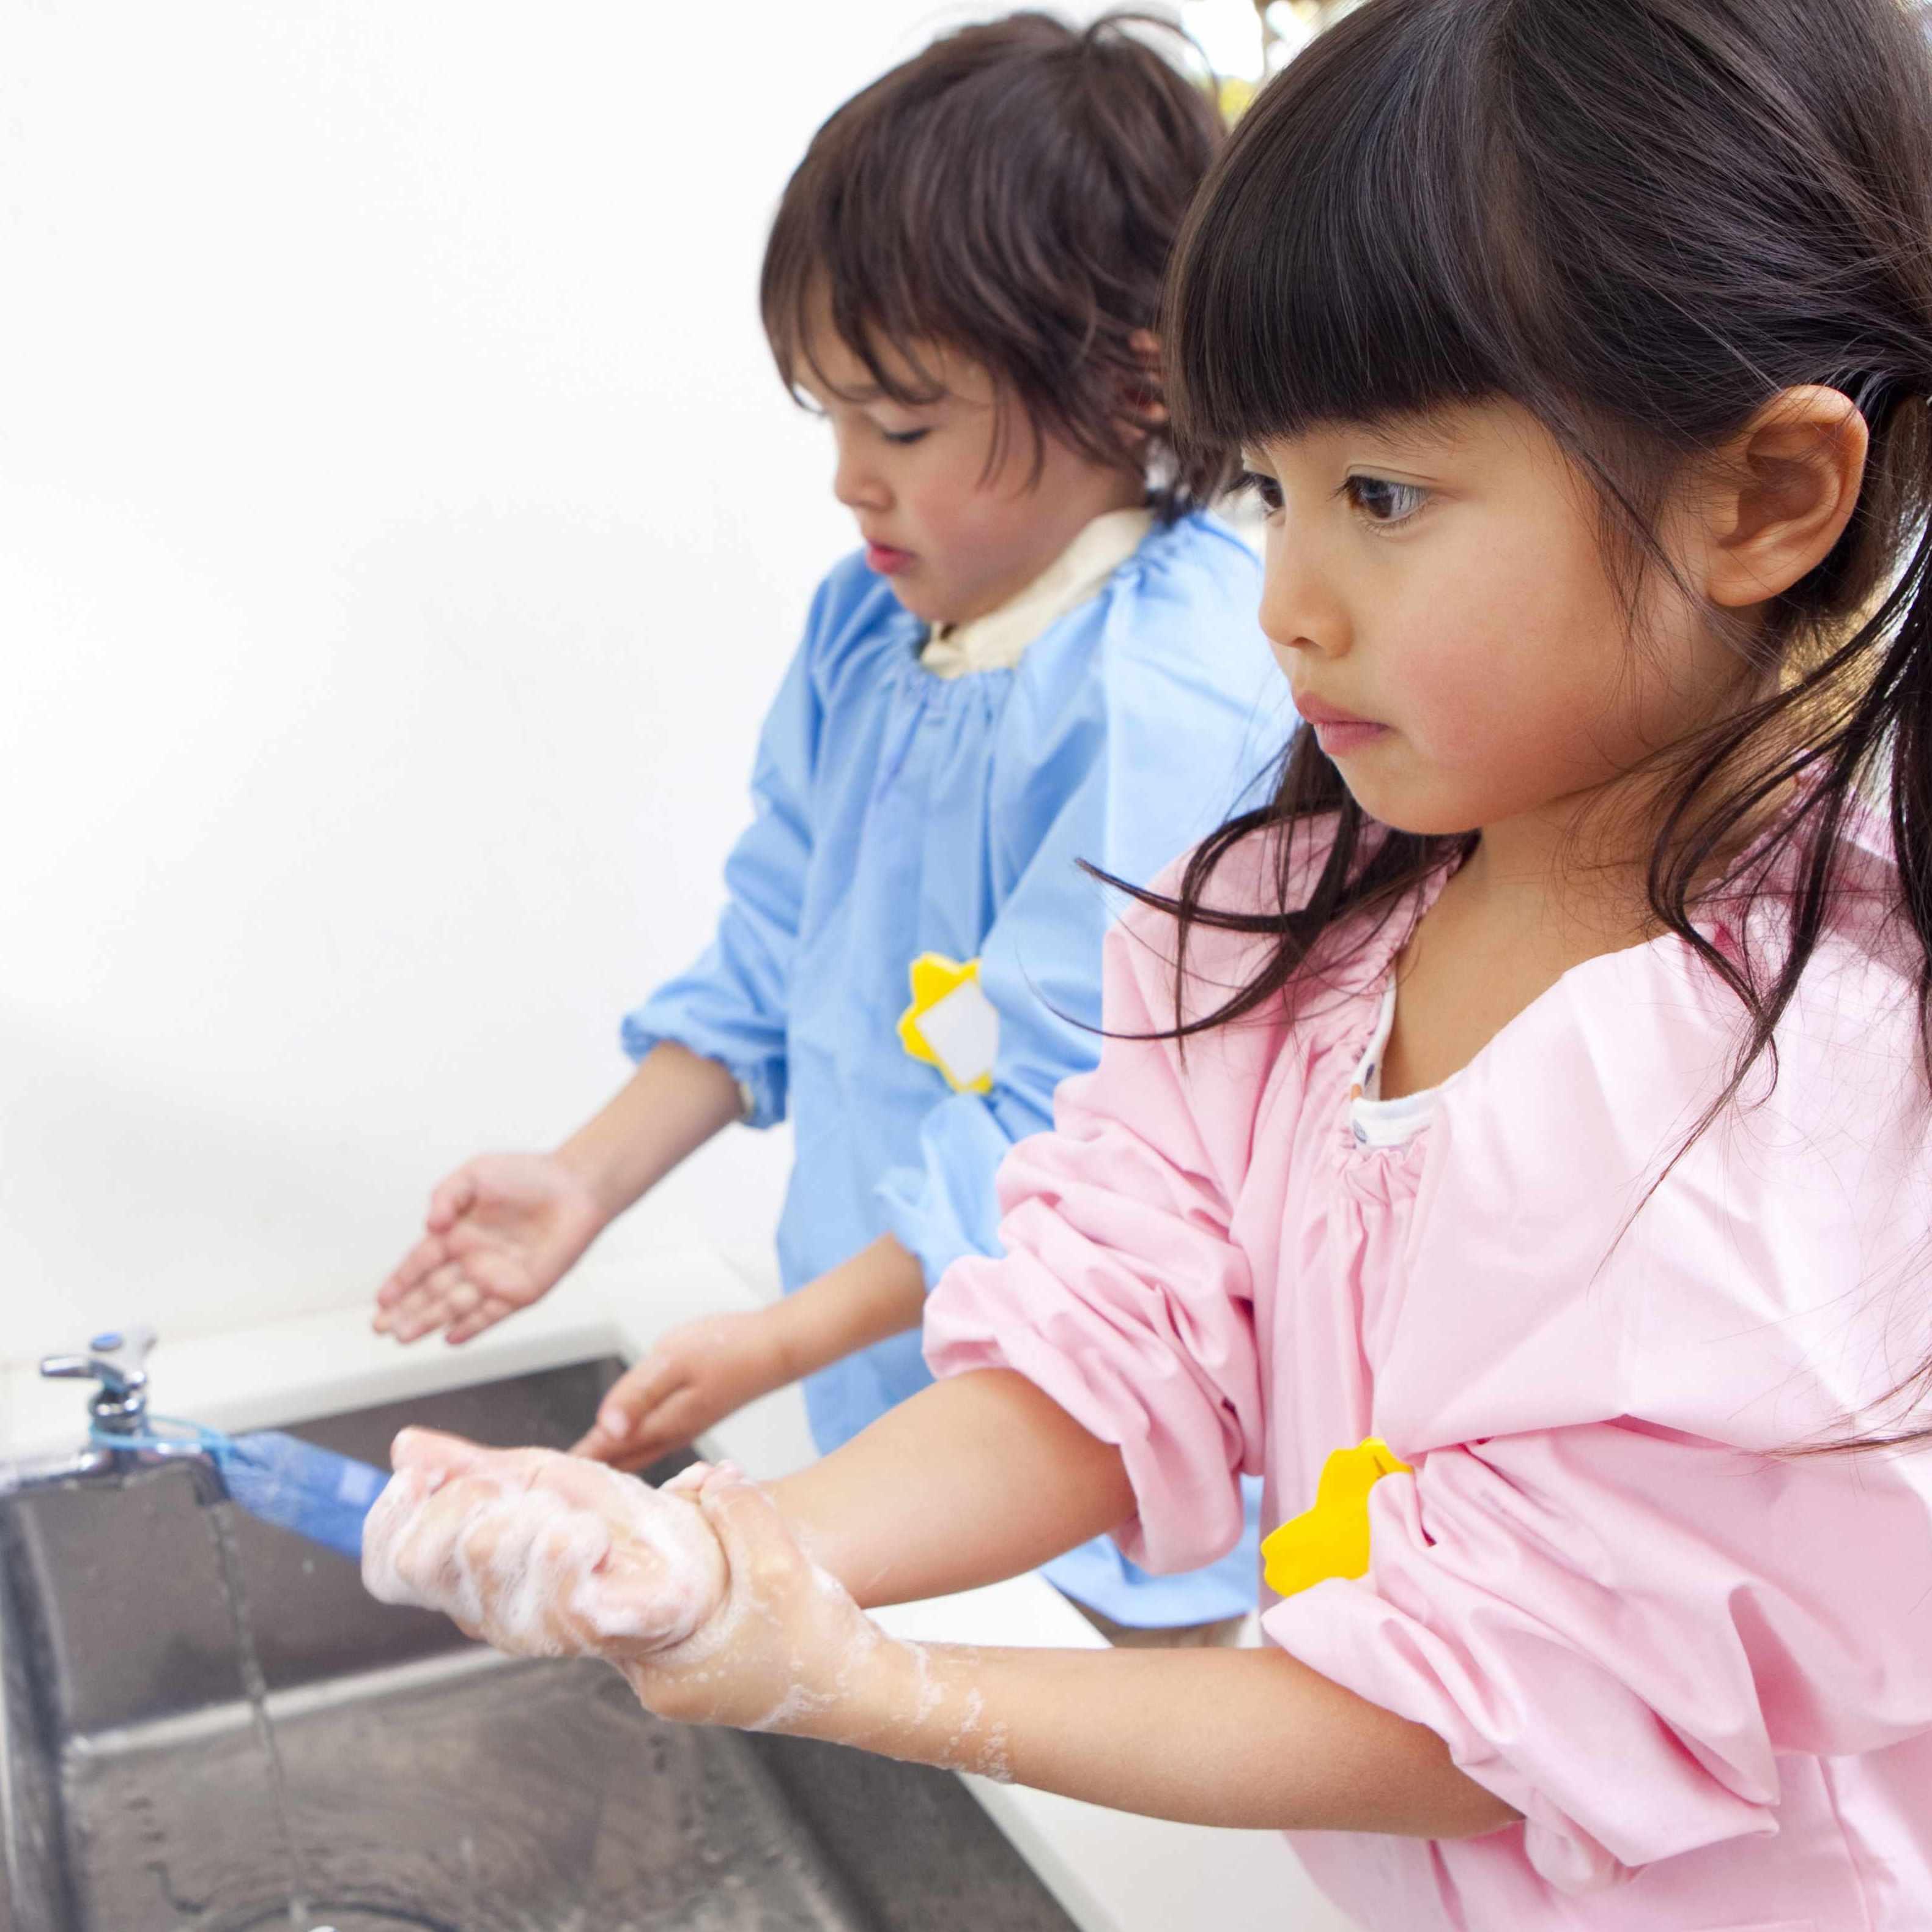 children washing hands in sink